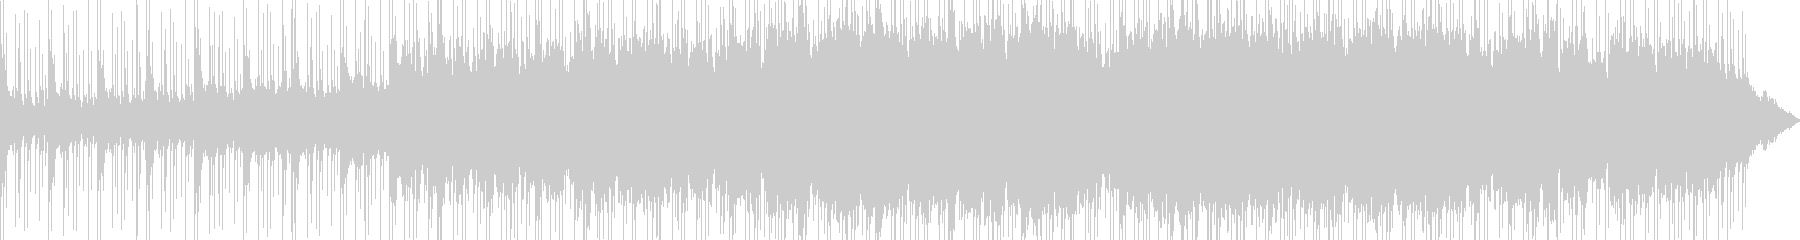 シネマティックなオーケストラ+ドラムの未再生の波形